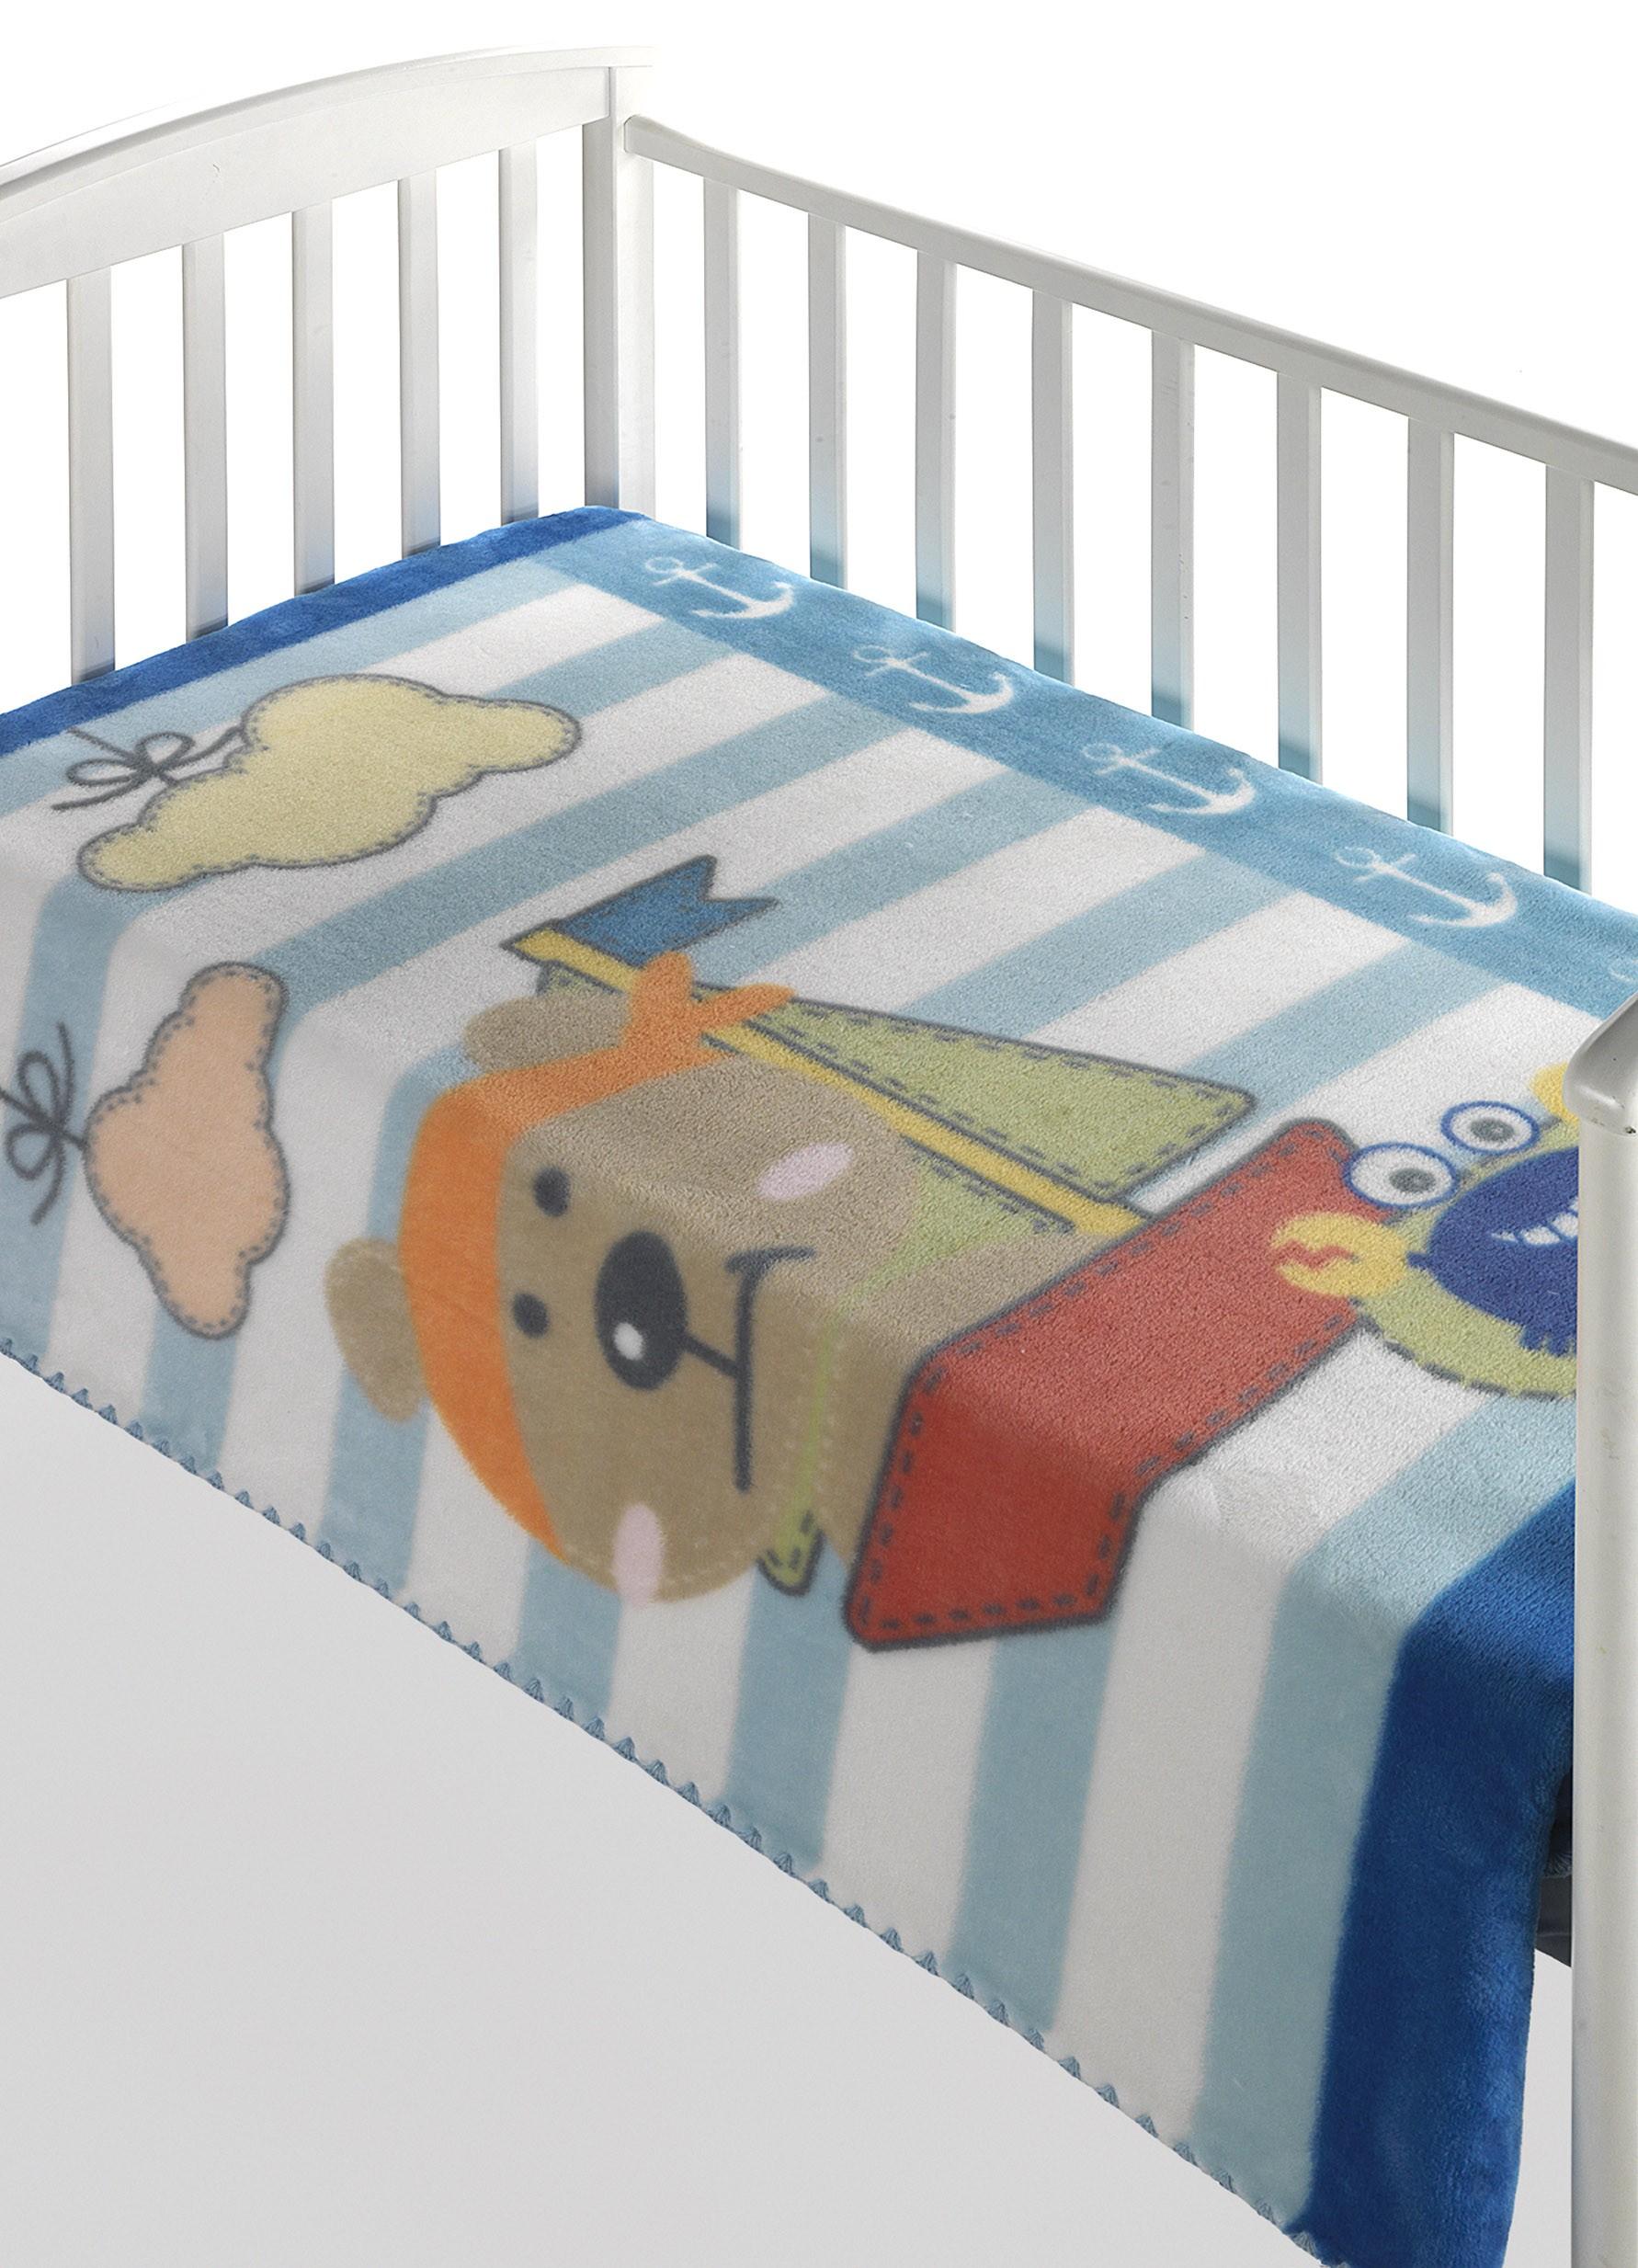 Κουβέρτα Βελουτέ Κούνιας Morven Magic Baby 306 Σιέλ